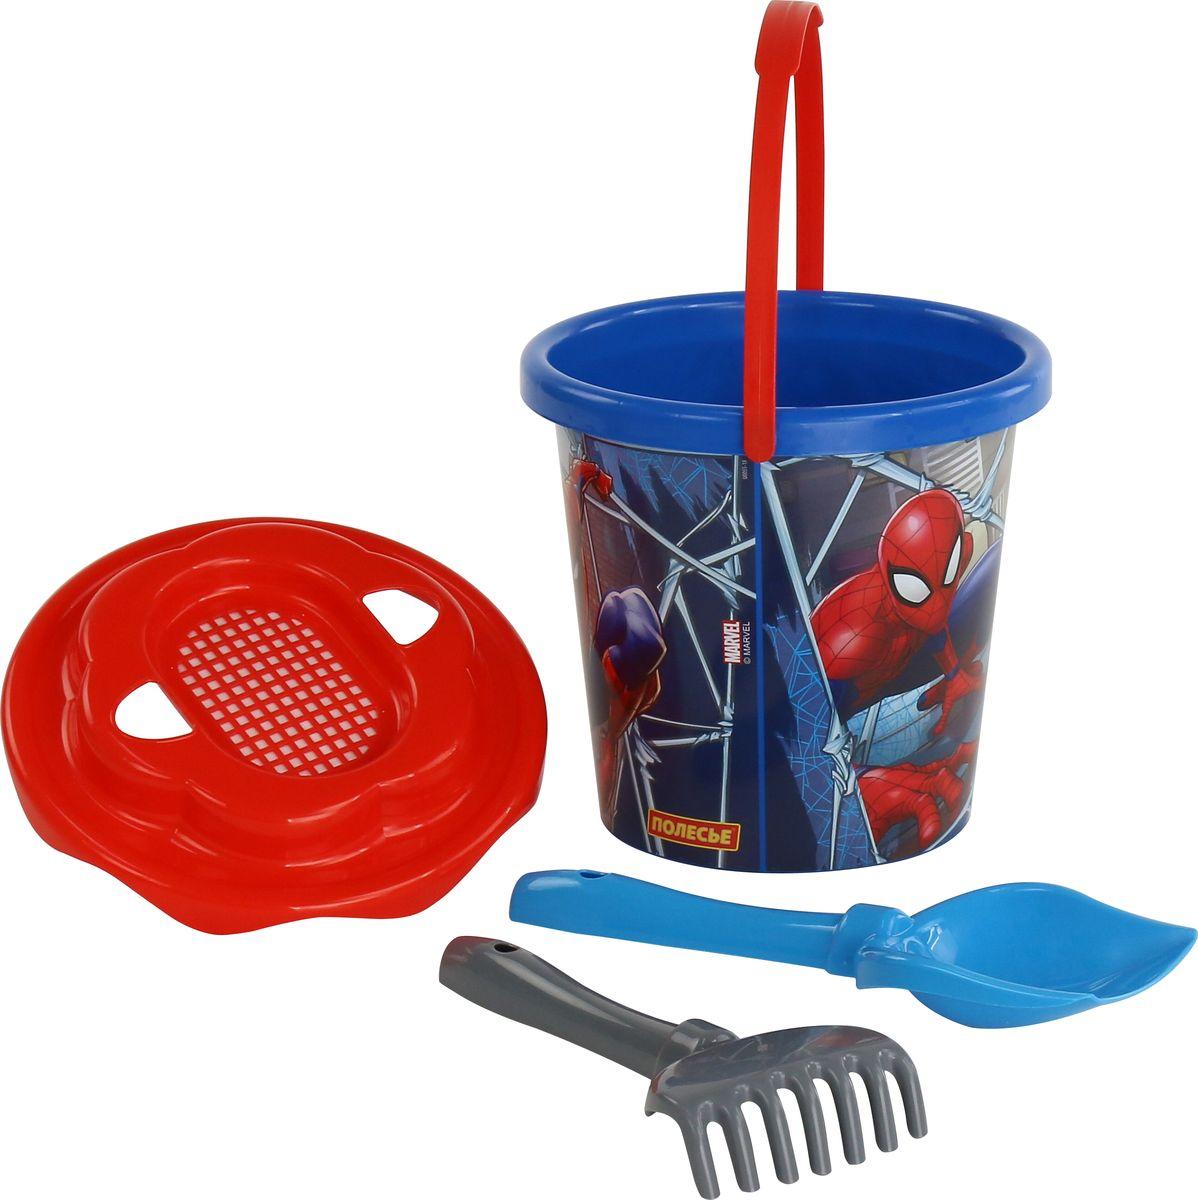 Marvel Набор игрушек для песочницы Набор Marvel Человек-Паук №11 marvel набор игрушек для песочницы софия прекрасная 1